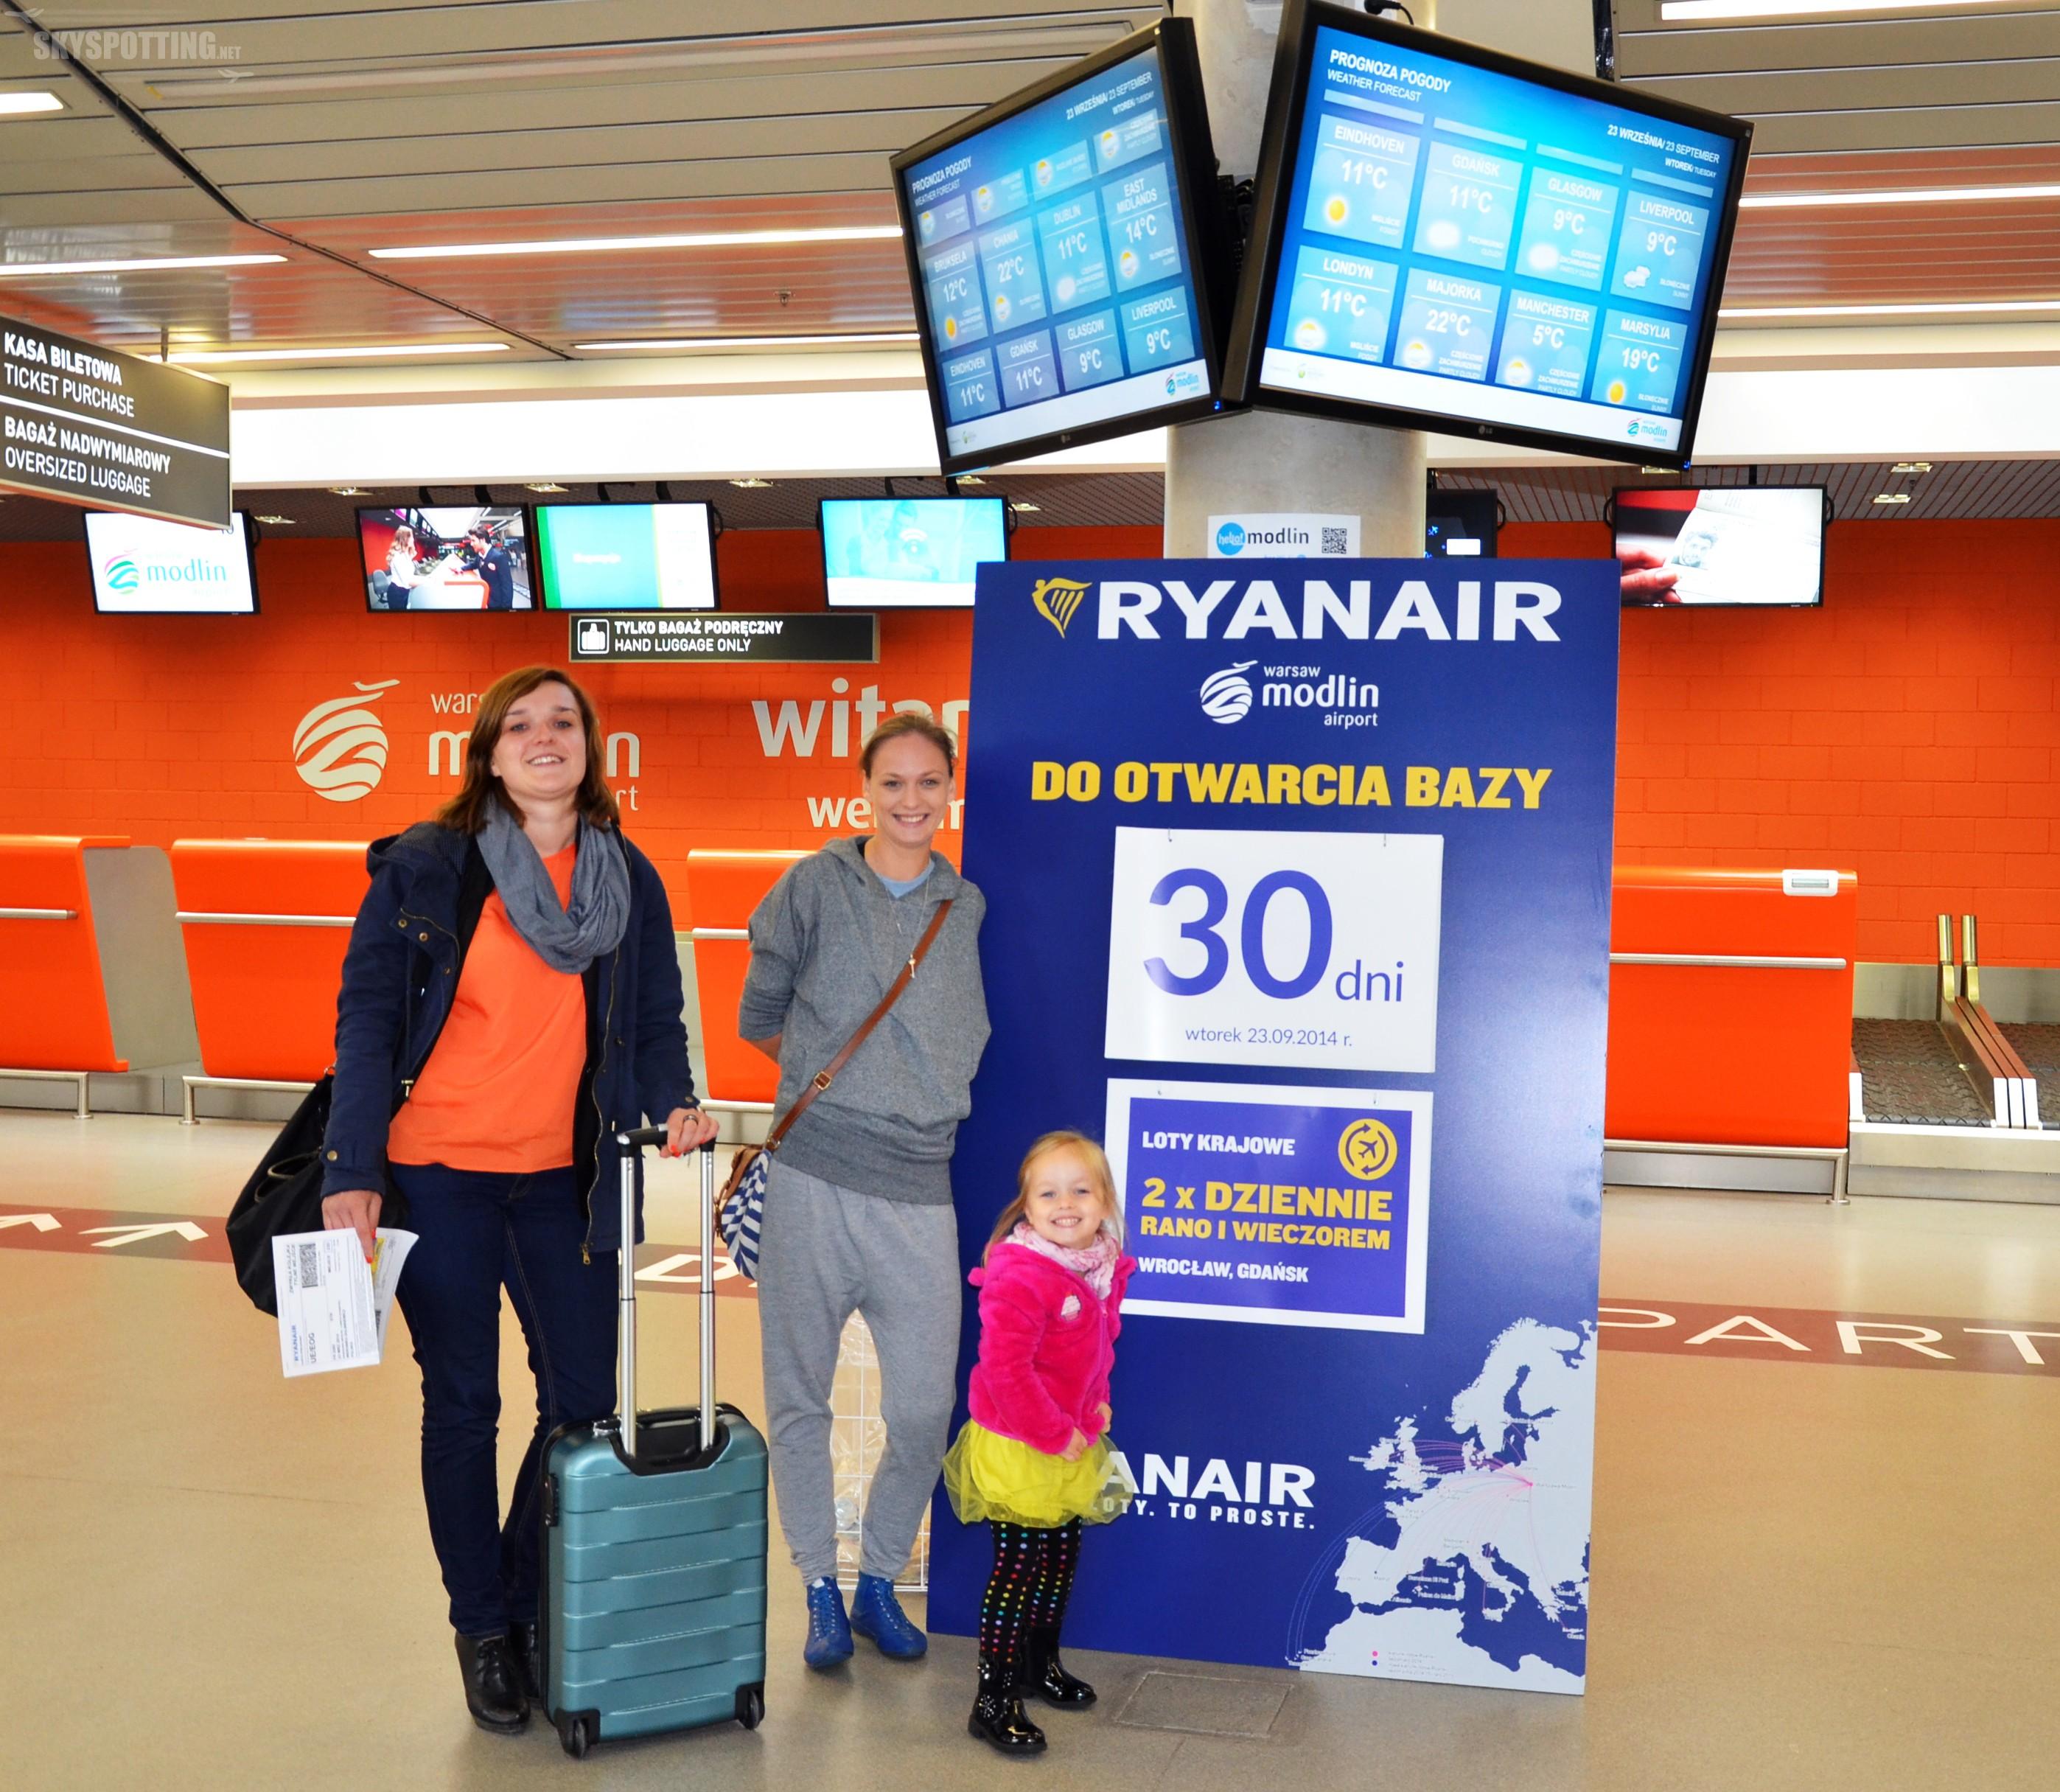 Modlin: Już tylko 30 dni do otwarcia bazy Ryanair